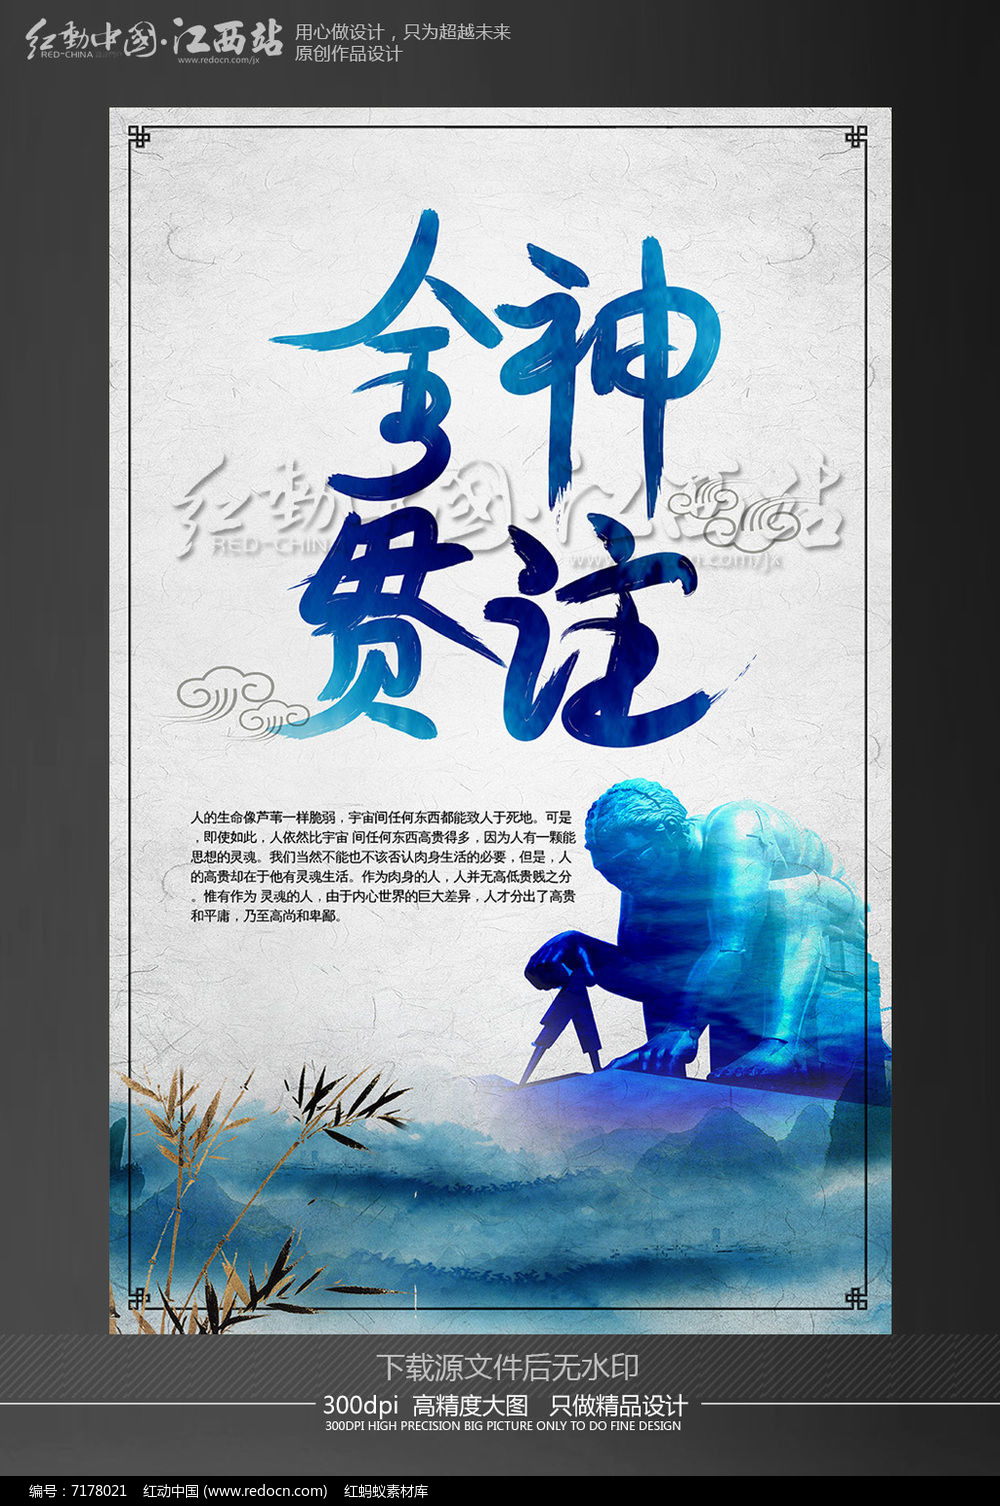 中国风传统文化全神贯注校园文化挂画设计模板图片